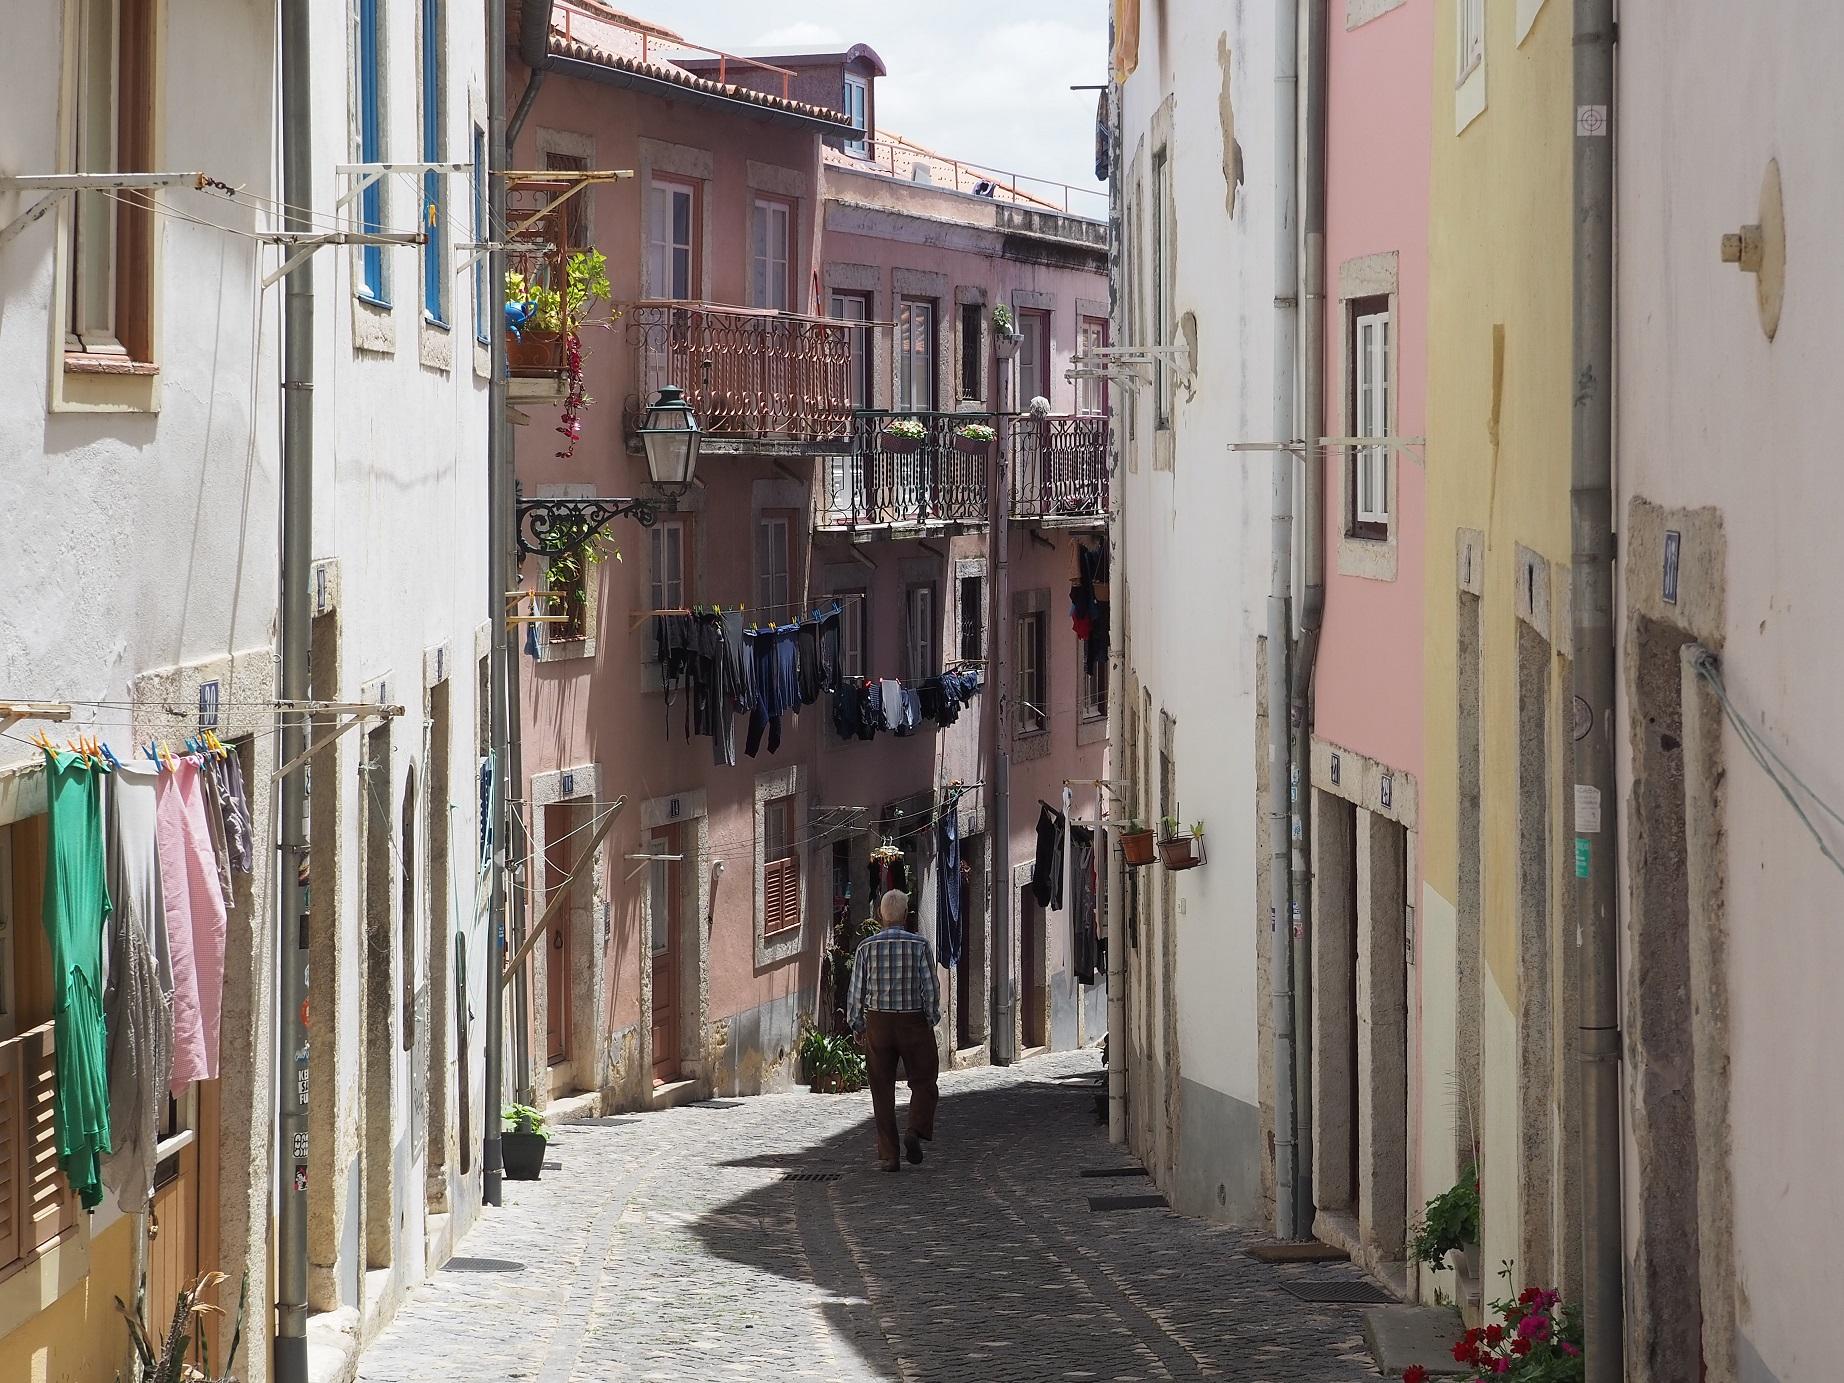 Ruelles d'Albama à Lisbonne